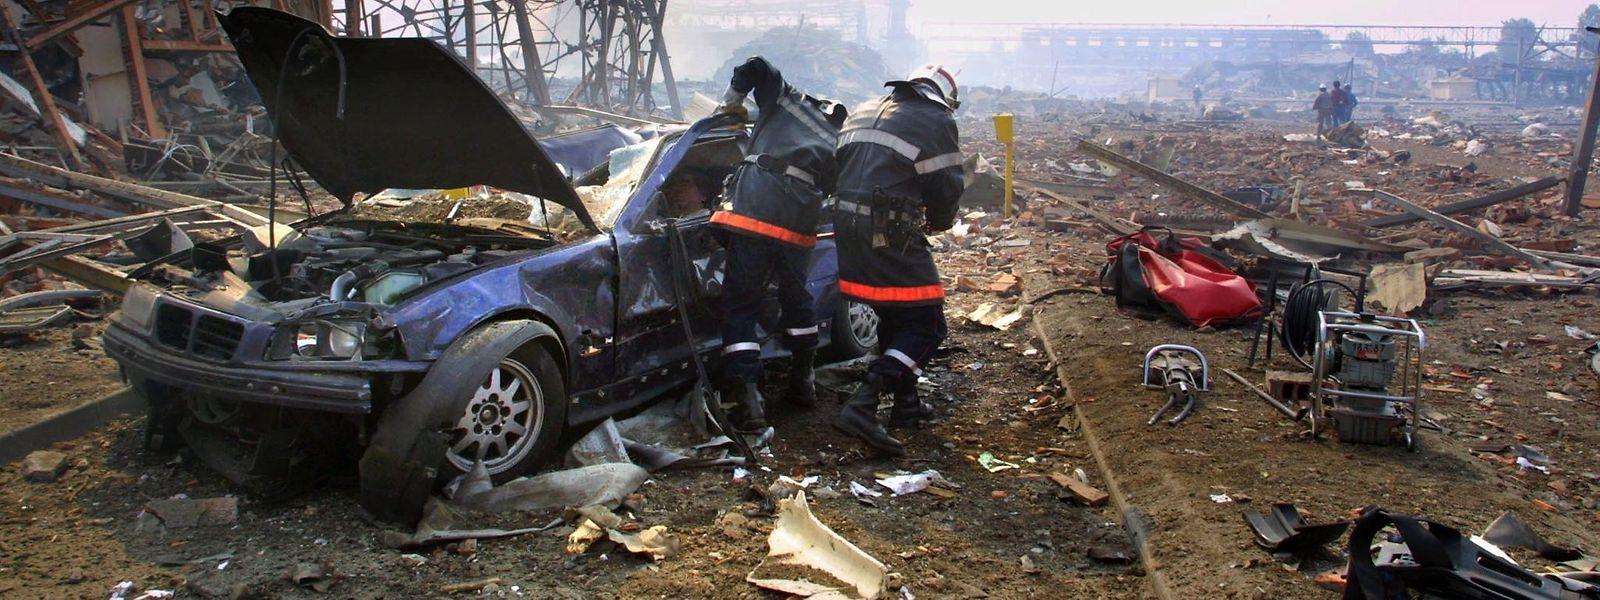 31 Menschen starben 2001 bei einer Ammoniumnitrat-Explosion im französischen Toulouse.